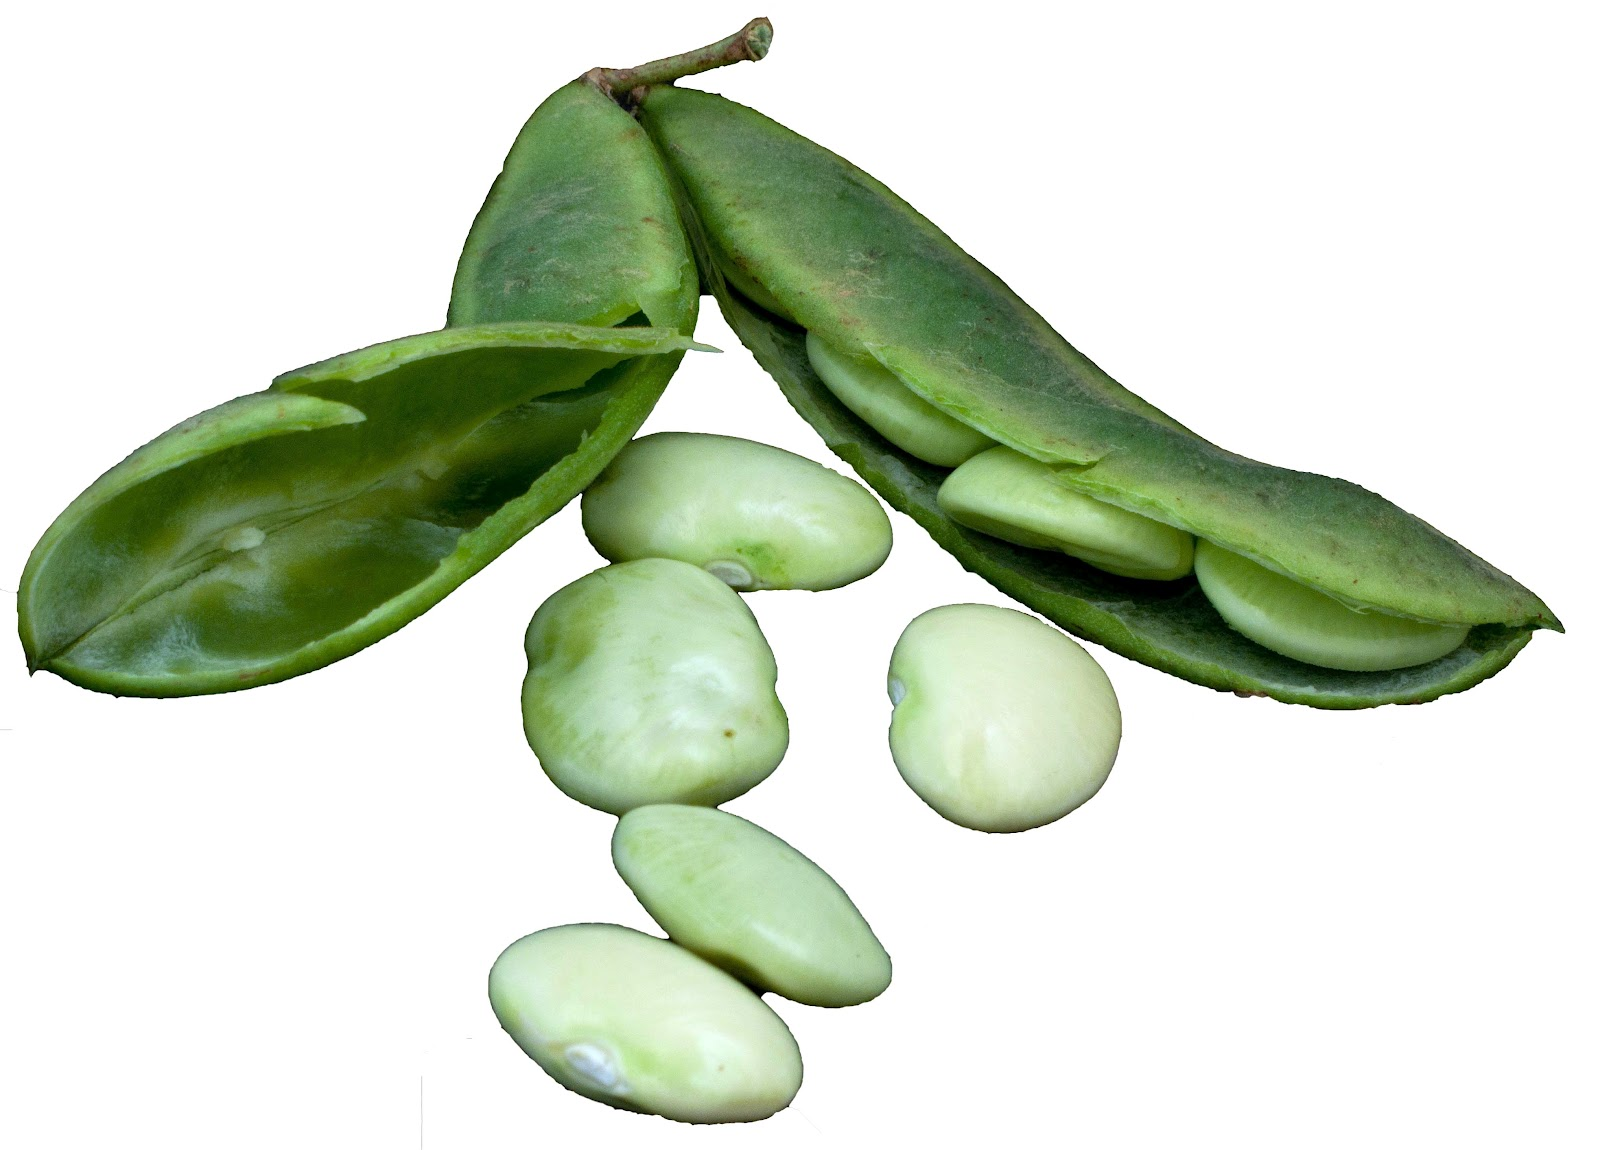 The Produce Blog By Rick Chong